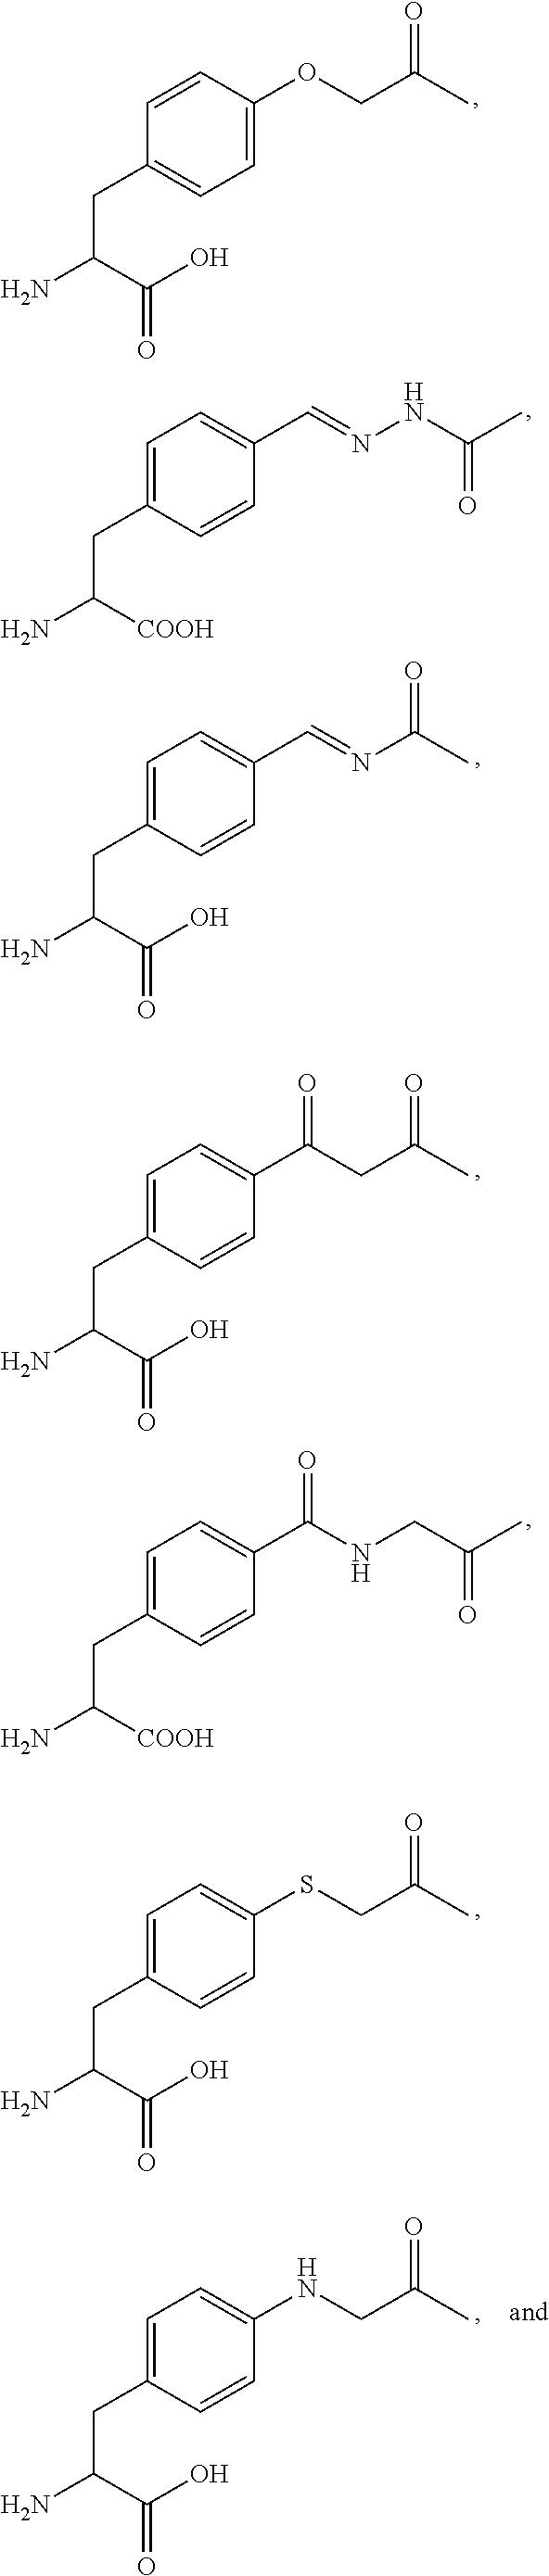 Figure US10138283-20181127-C00011